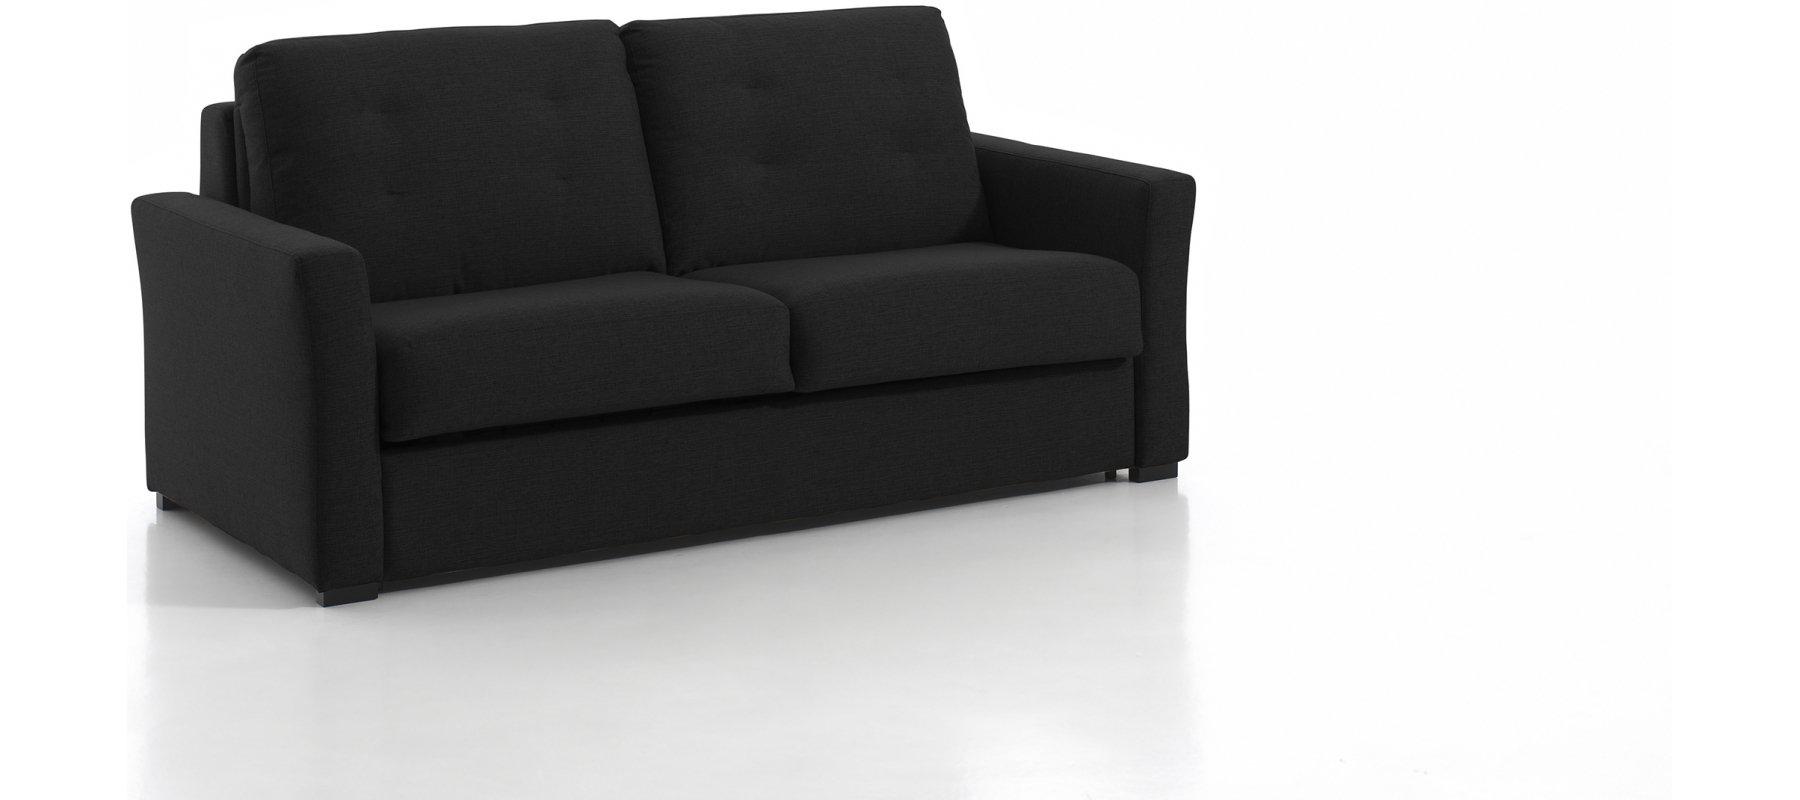 design de qualité 0c59f d8c0a Canapé lit couchage quotidien 160cm 4 places très ...